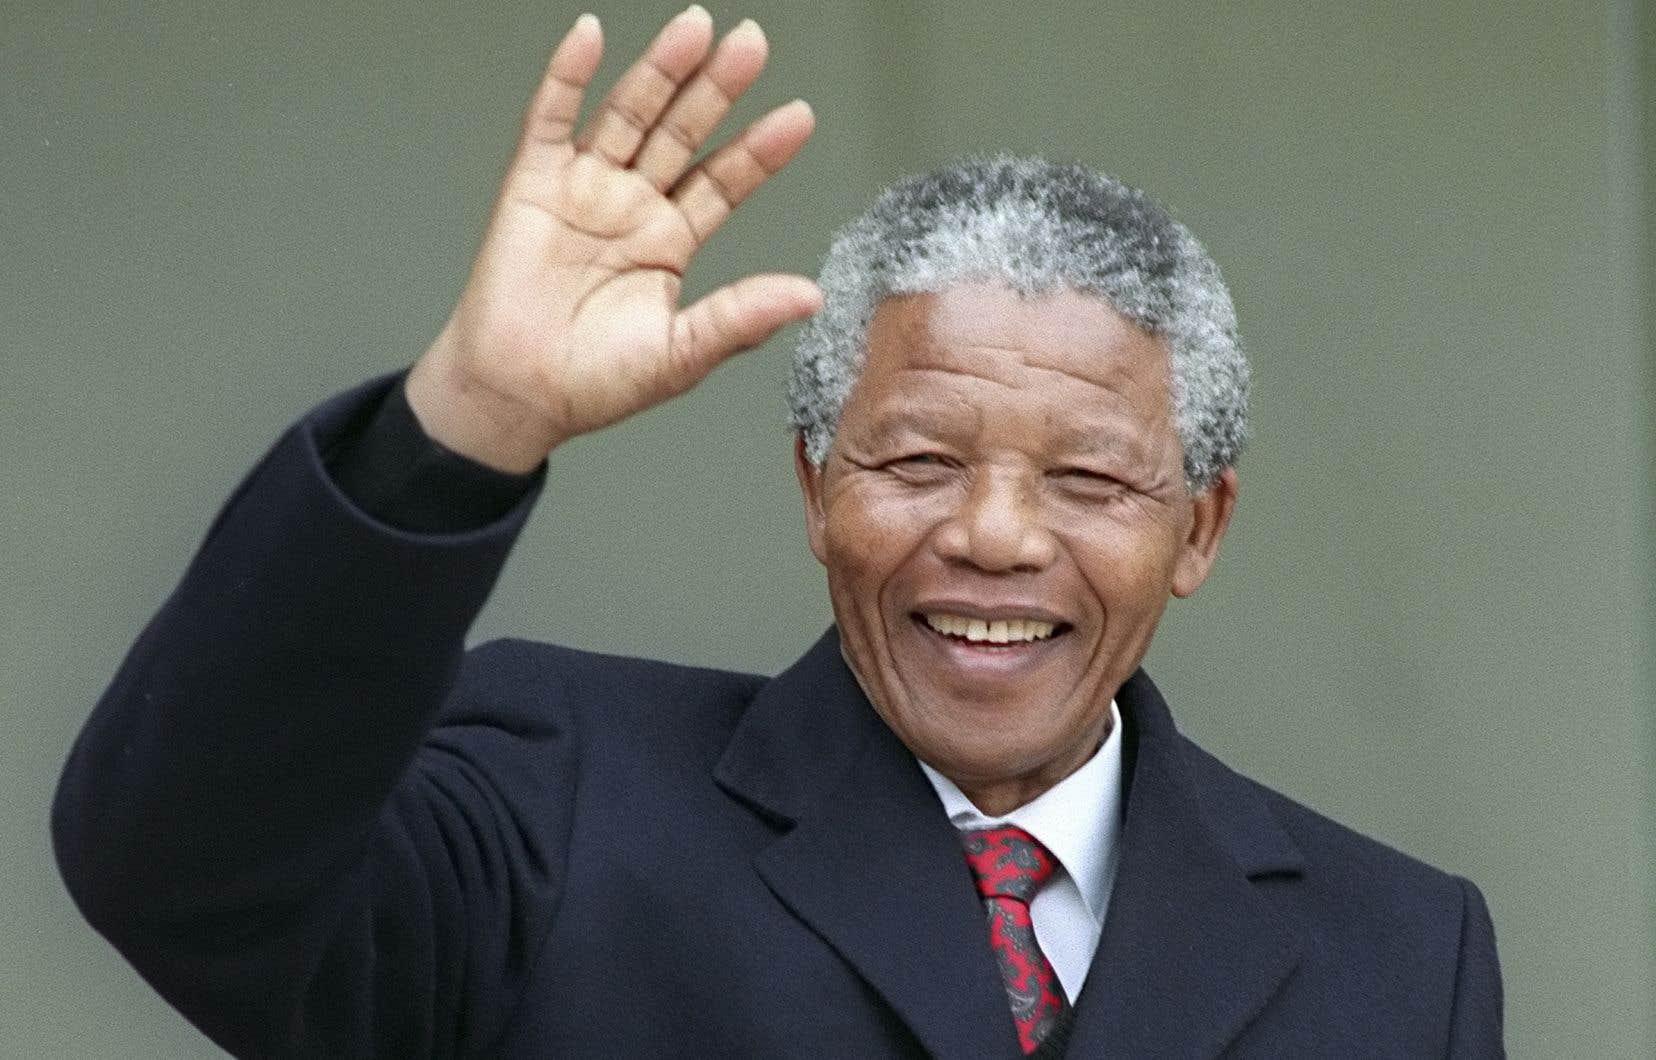 Nelson Mandela a été élu président en 1994 après près de trois décennies passées en prison pour son combat contre le régime raciste de l'apartheid.